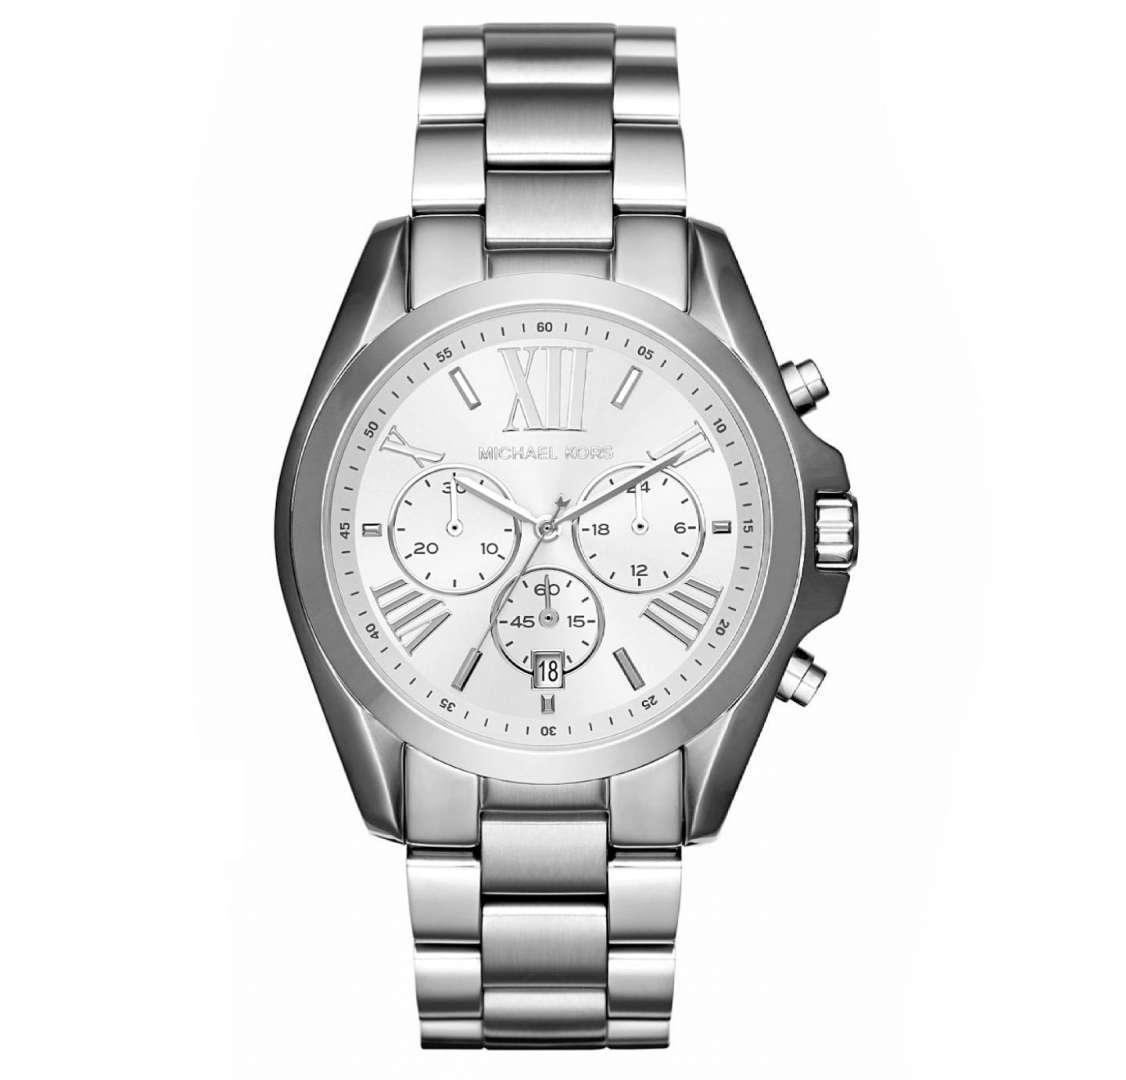 שעון יד אנלוגי לגבר michael kors mk5535 מייקל קורס